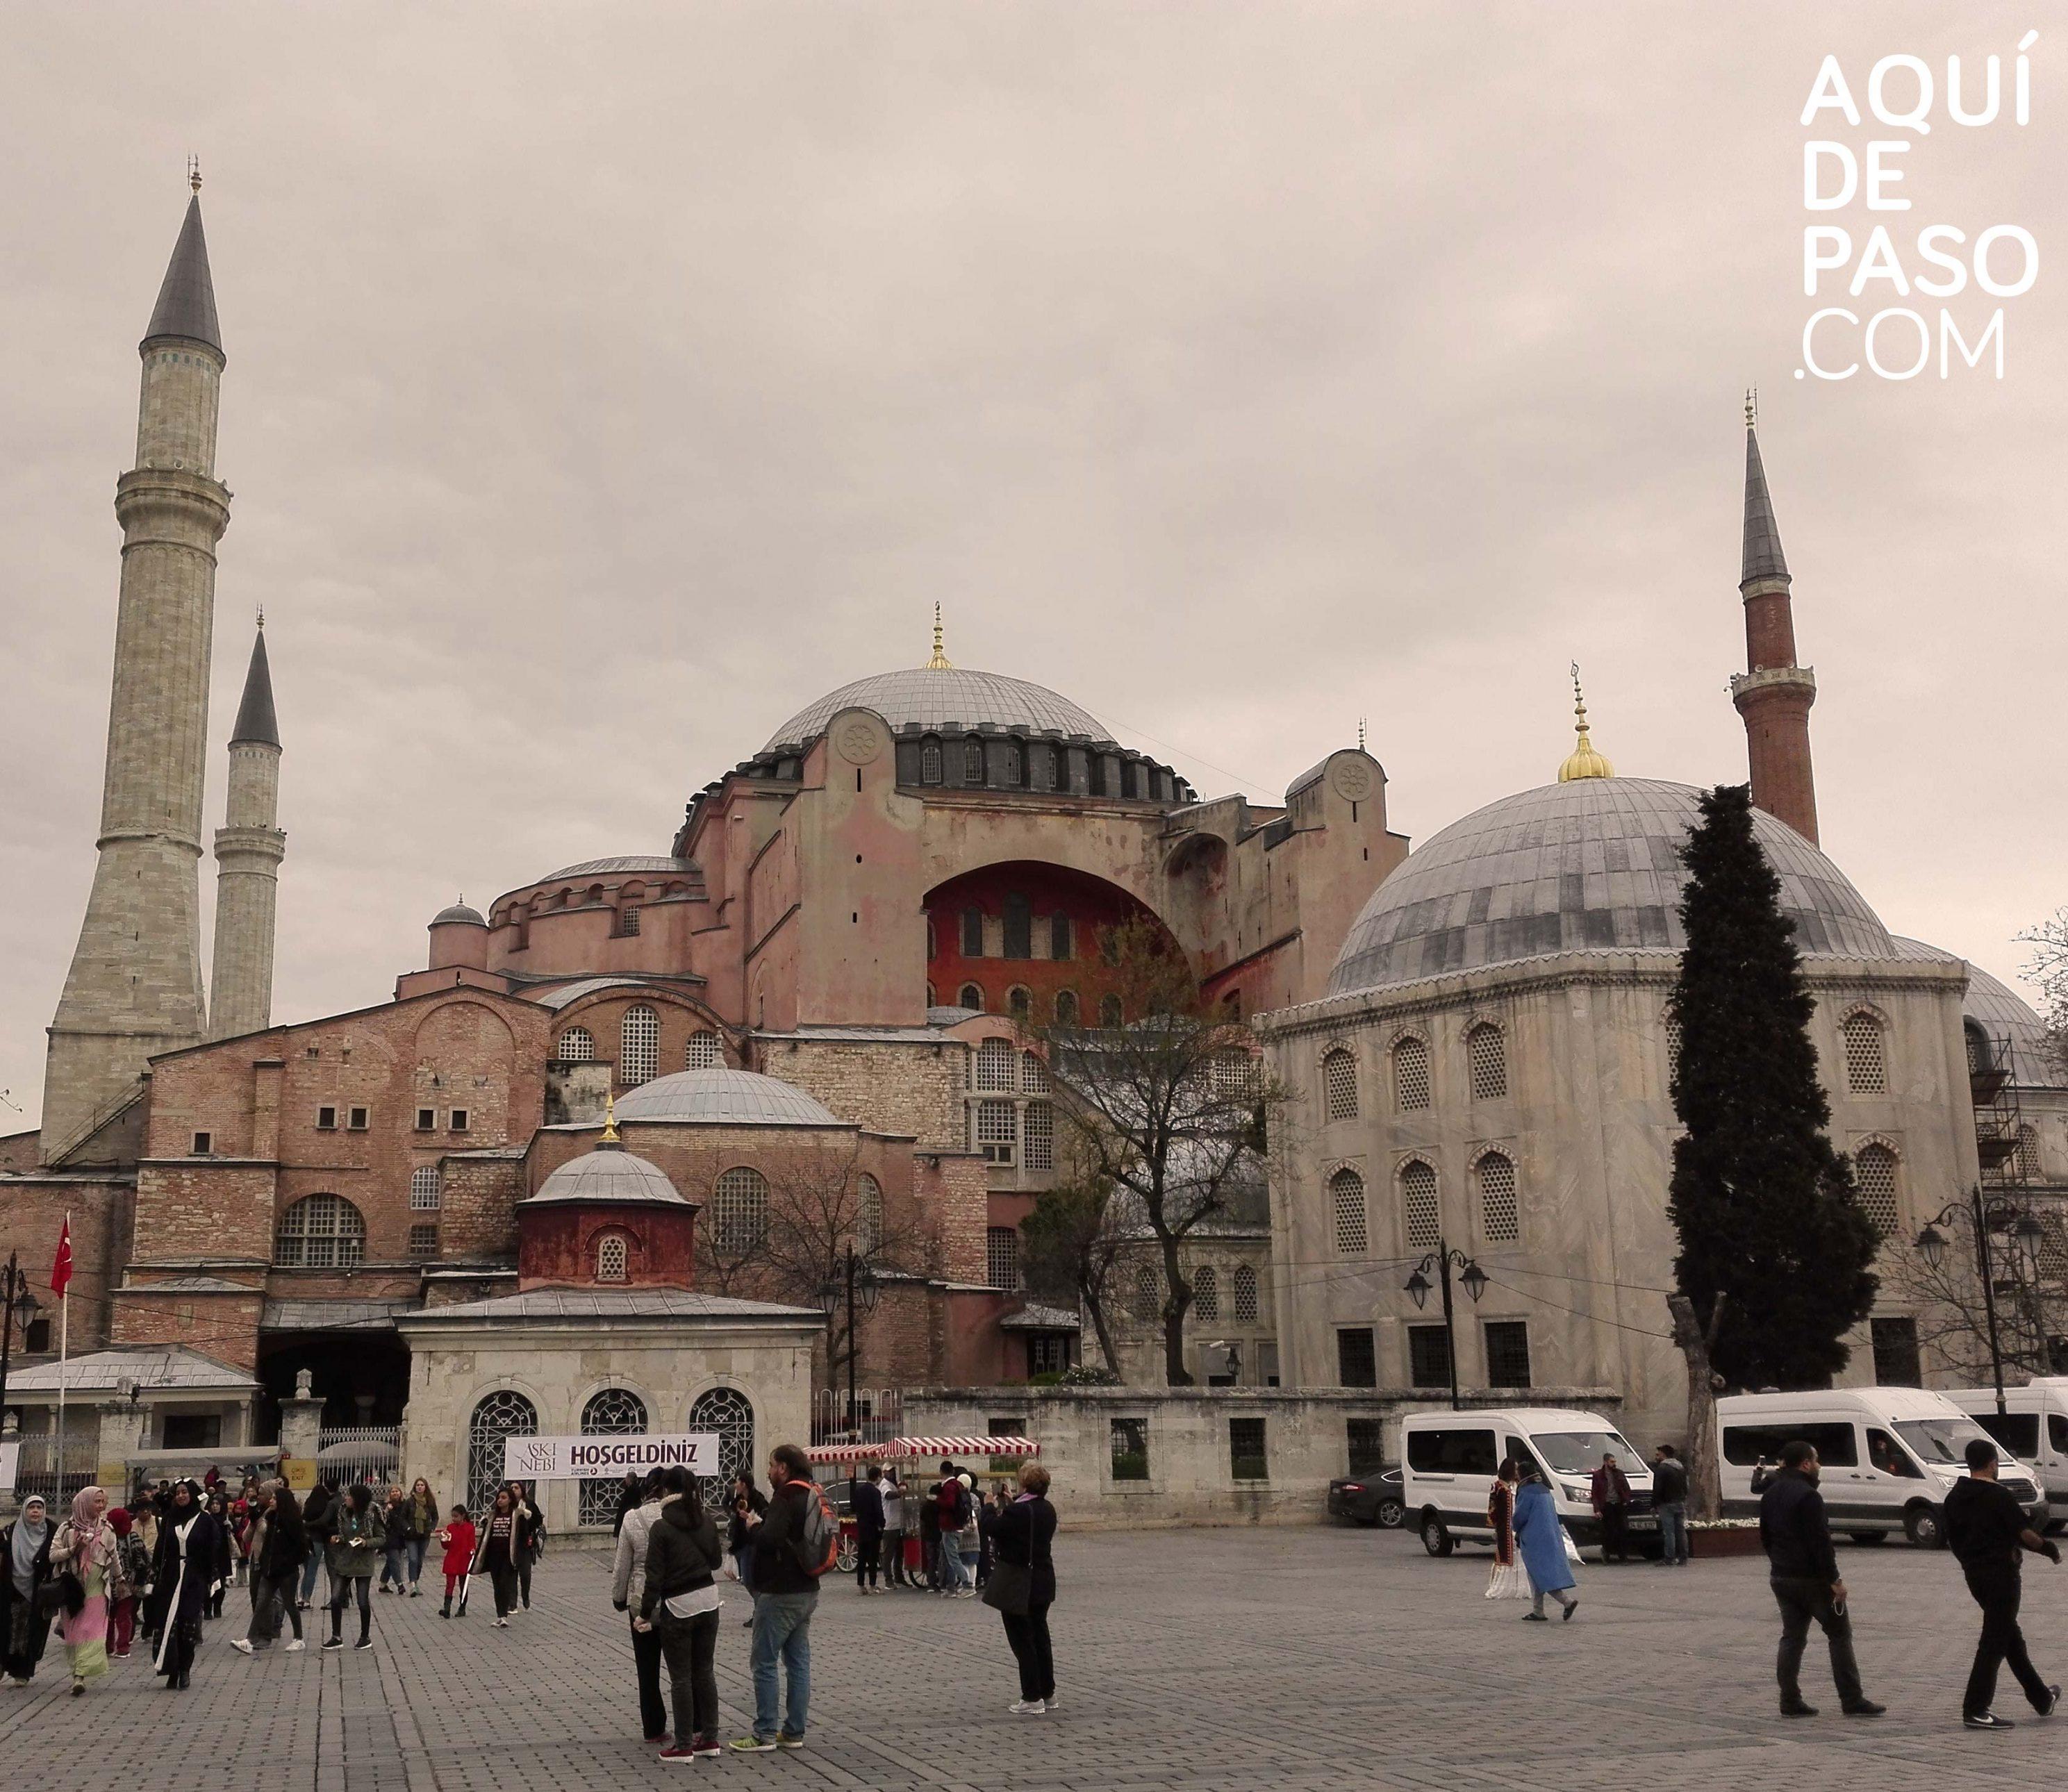 HAGIA SOPHIA - Estambul - aquidepaso.com